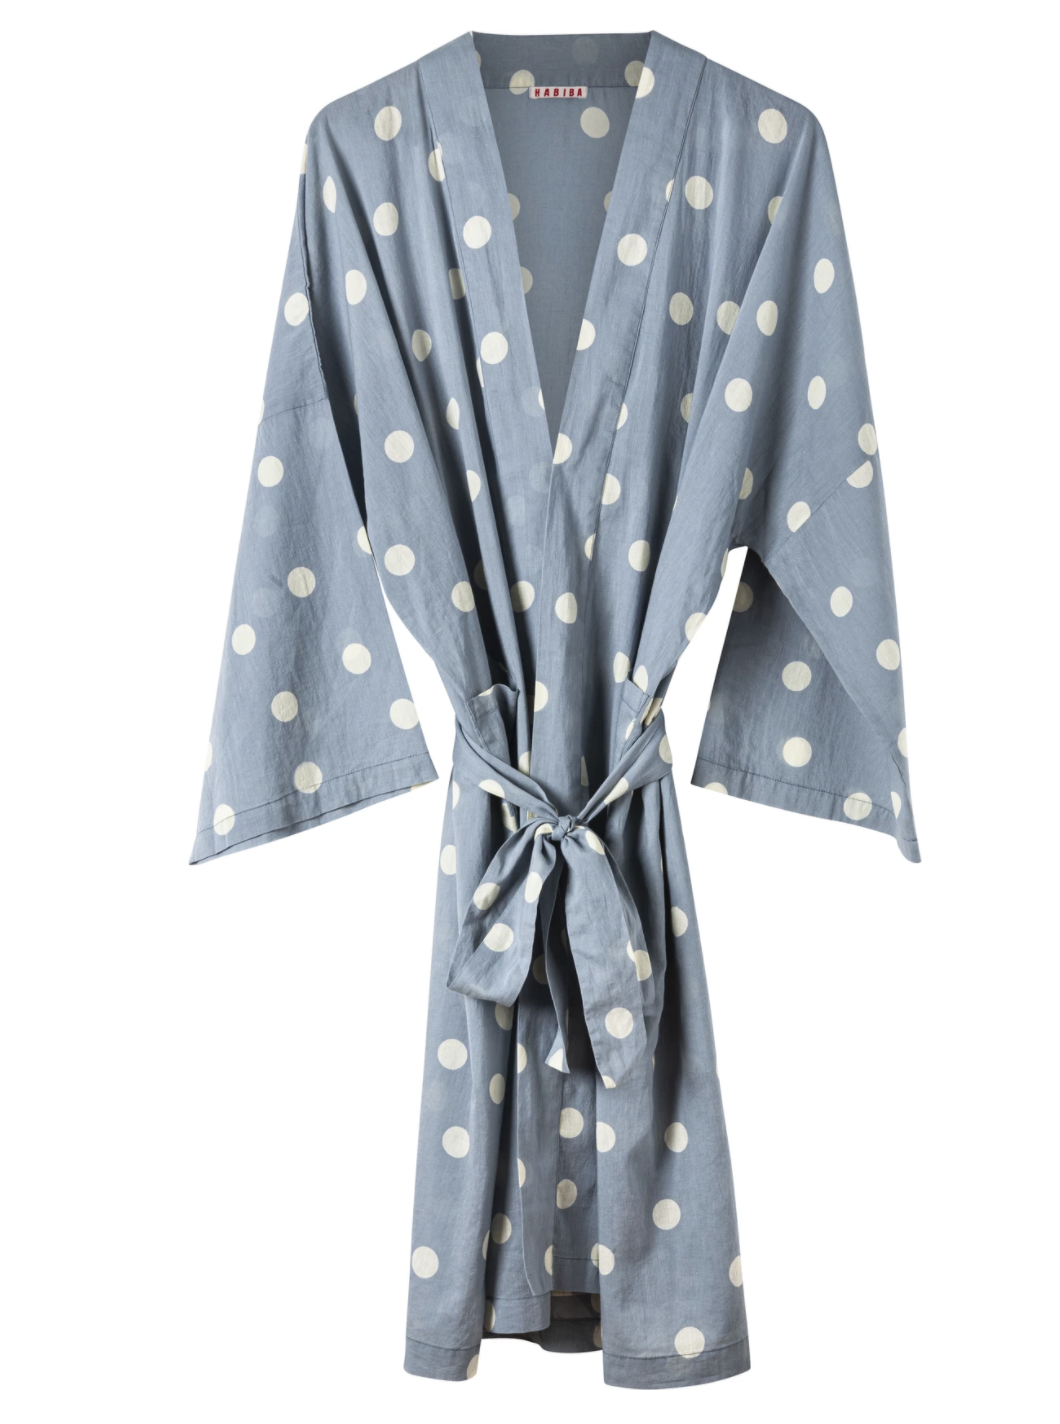 HABIBA - Milla Kimono, Pastel Blue